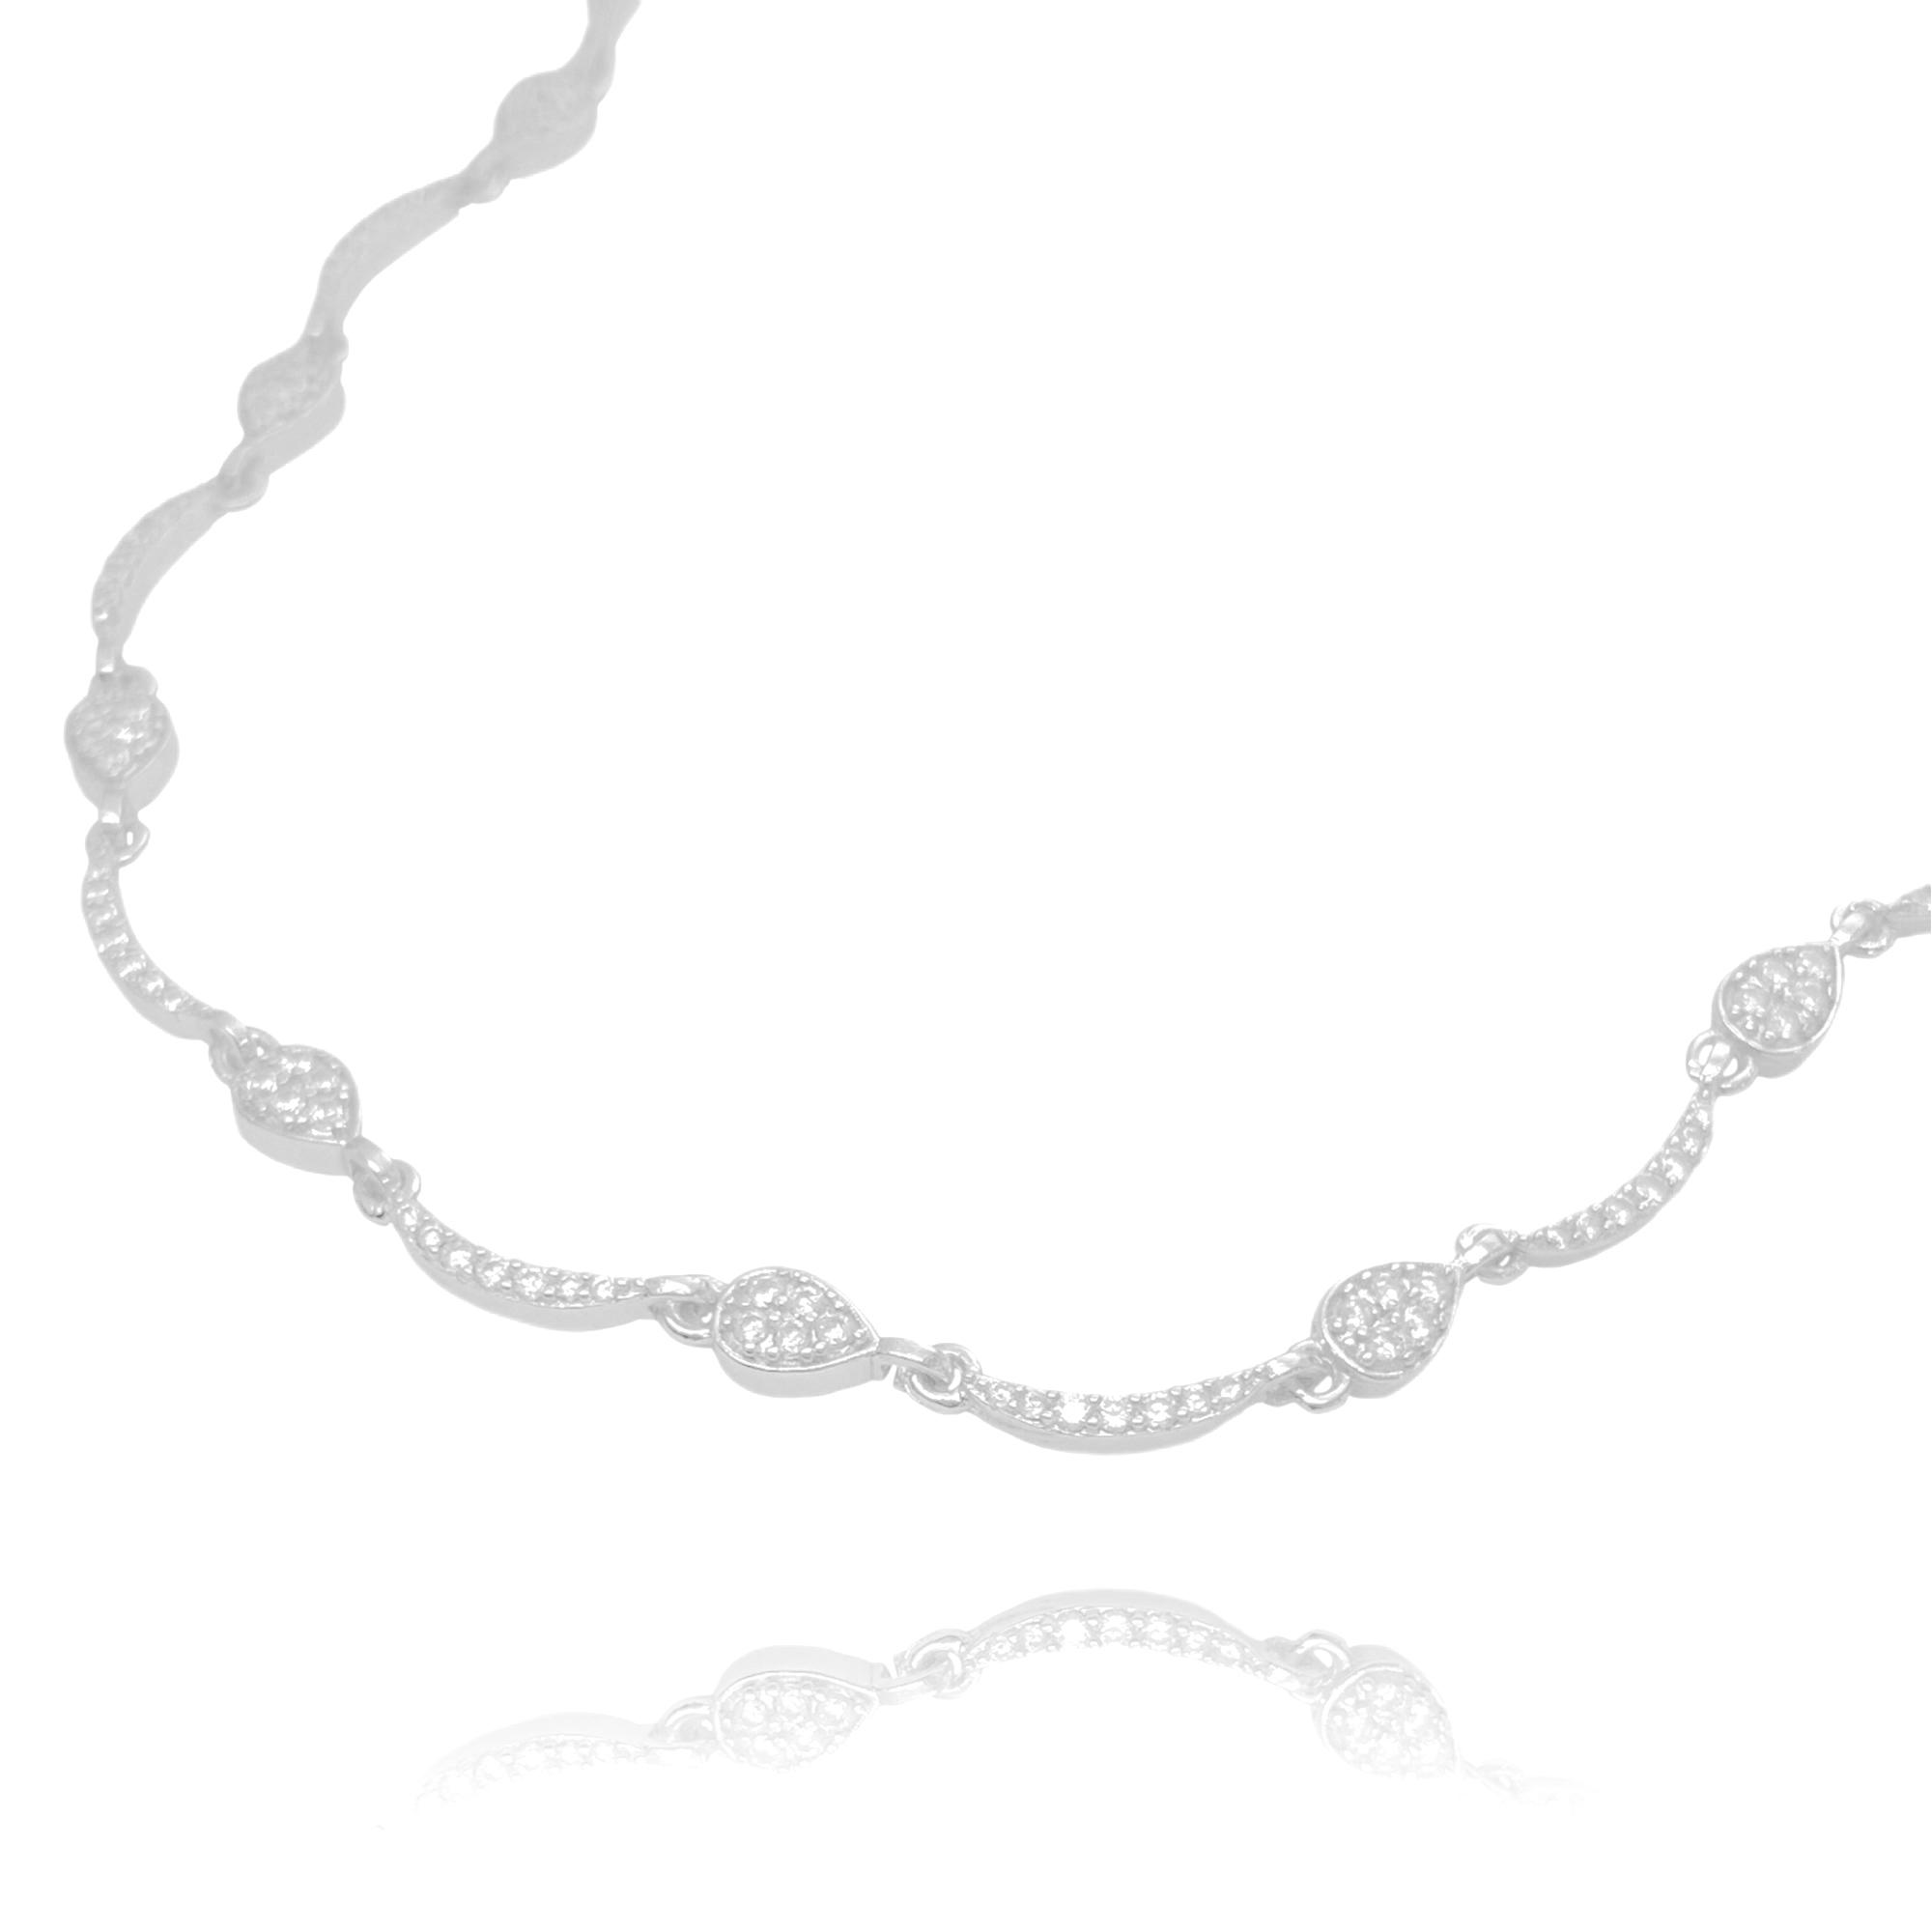 Choker Gotas Cravejadas em Zircônia (8,1g) (Banho Prata 925)